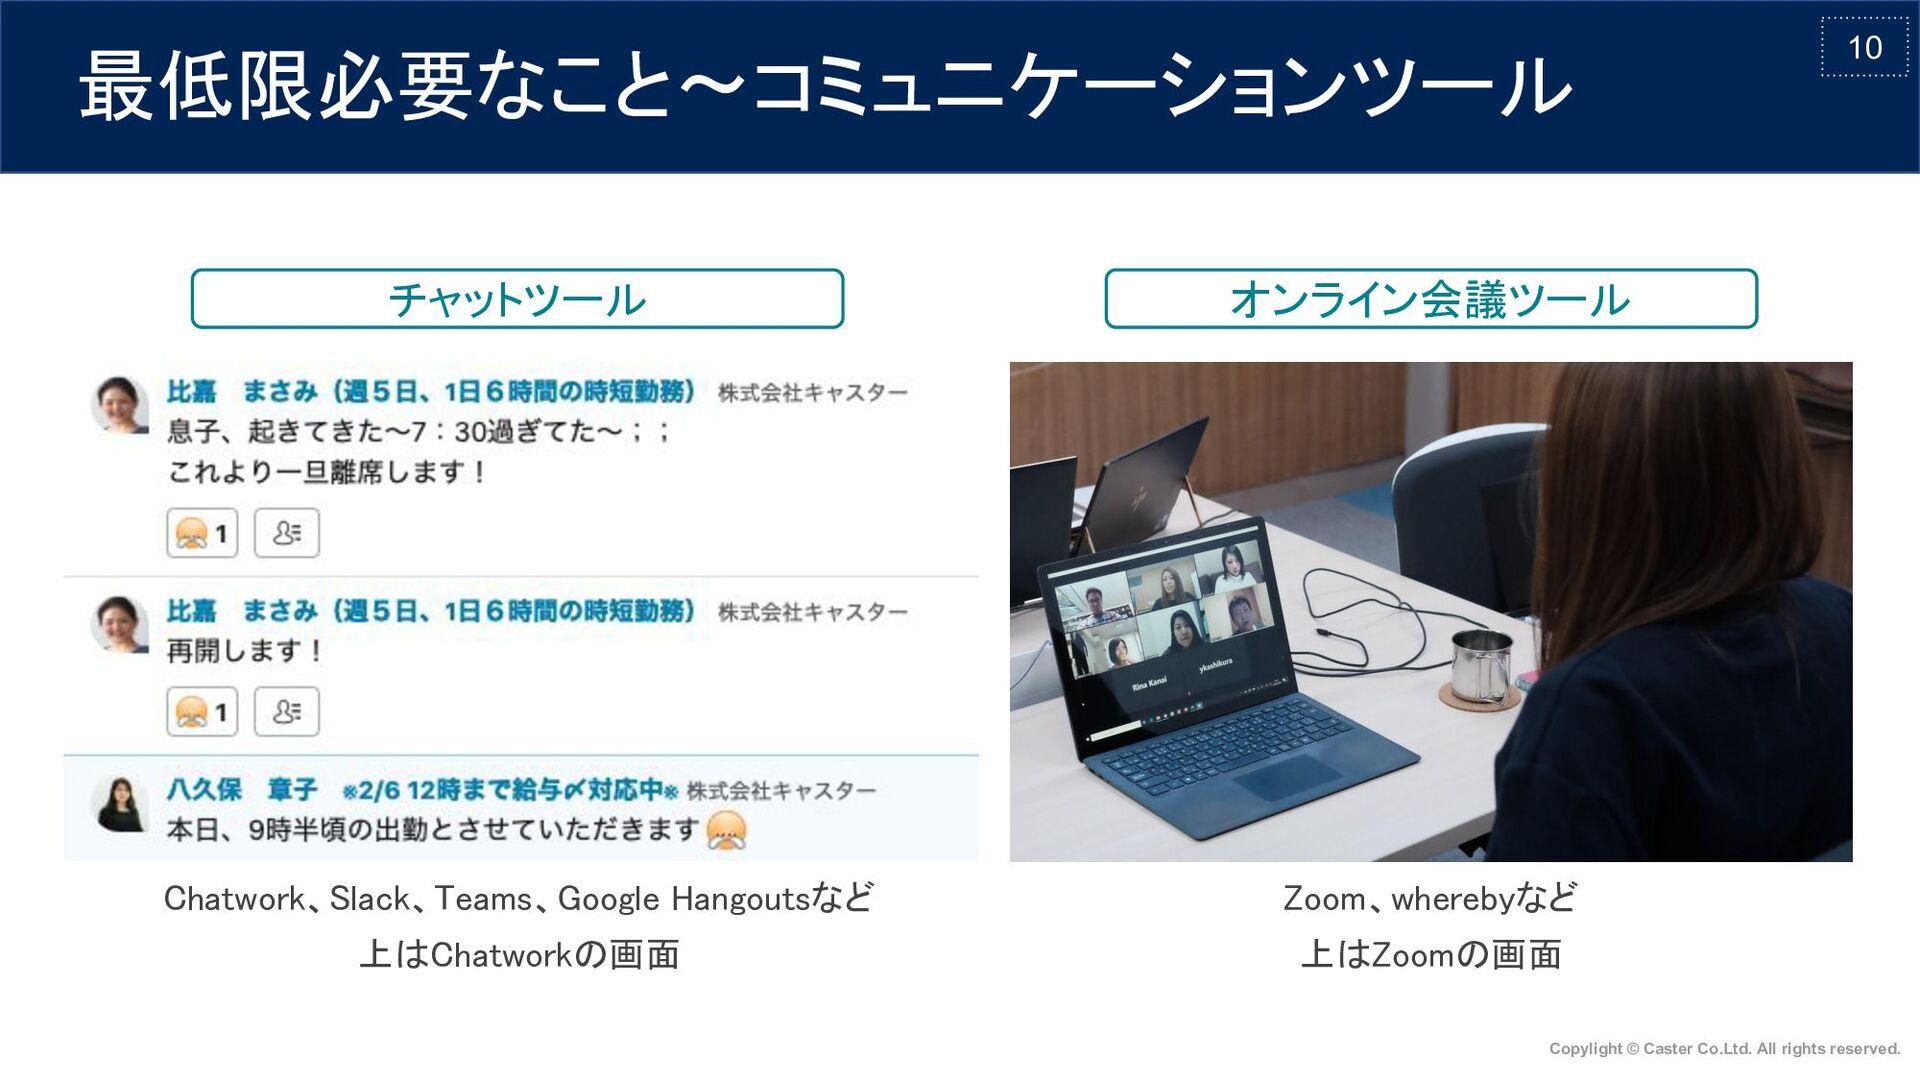 10 最低限必要なこと〜コミュニケーションツール チャットツール オンライン会議ツール ...